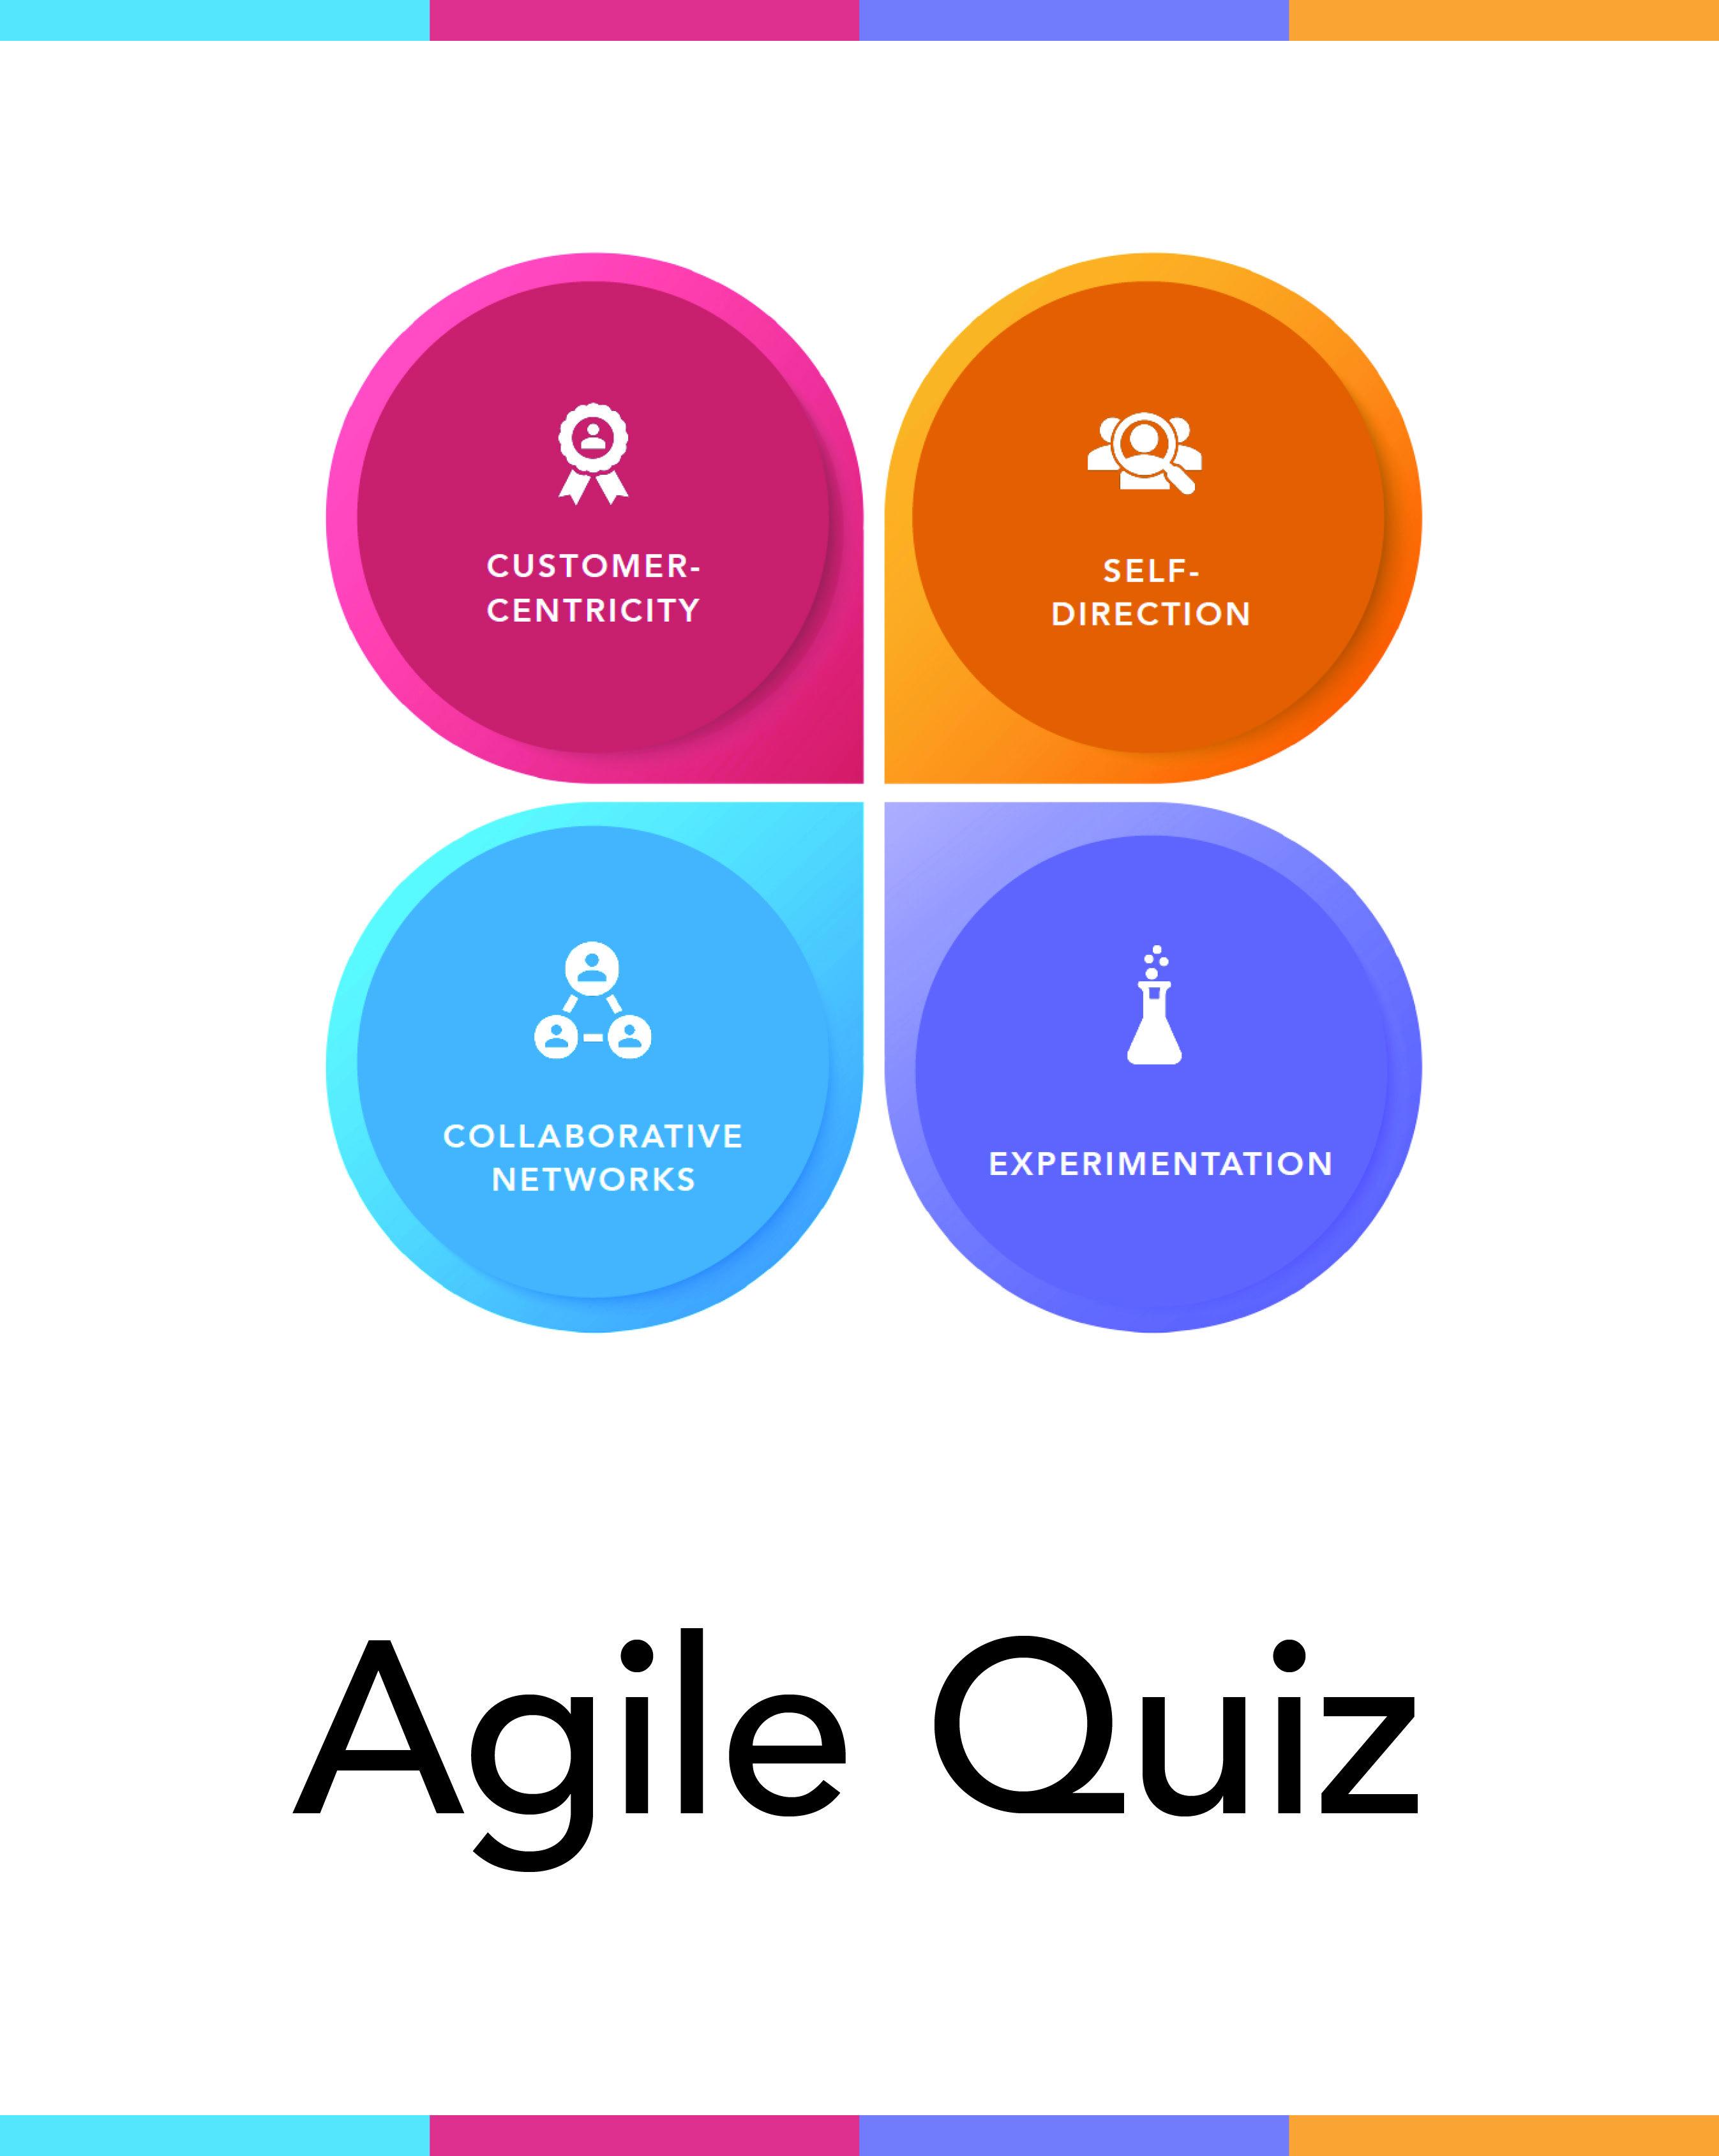 agile quiz cover 2